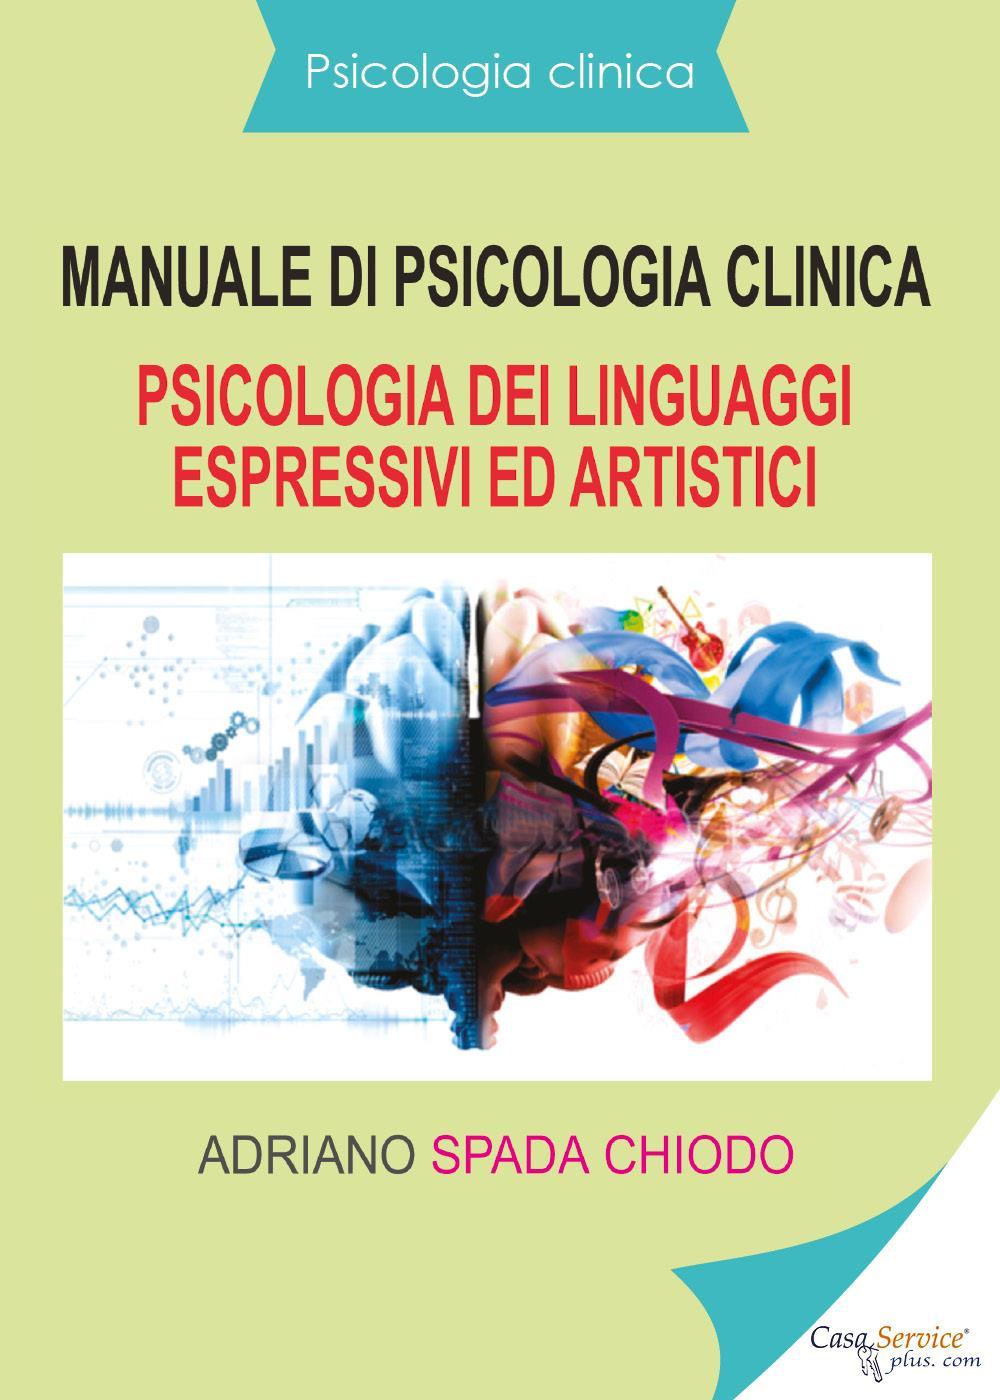 Psicologia clinica - Manuale di psicologia clinica - Psicologia dei linguaggi espressivi ed artistici